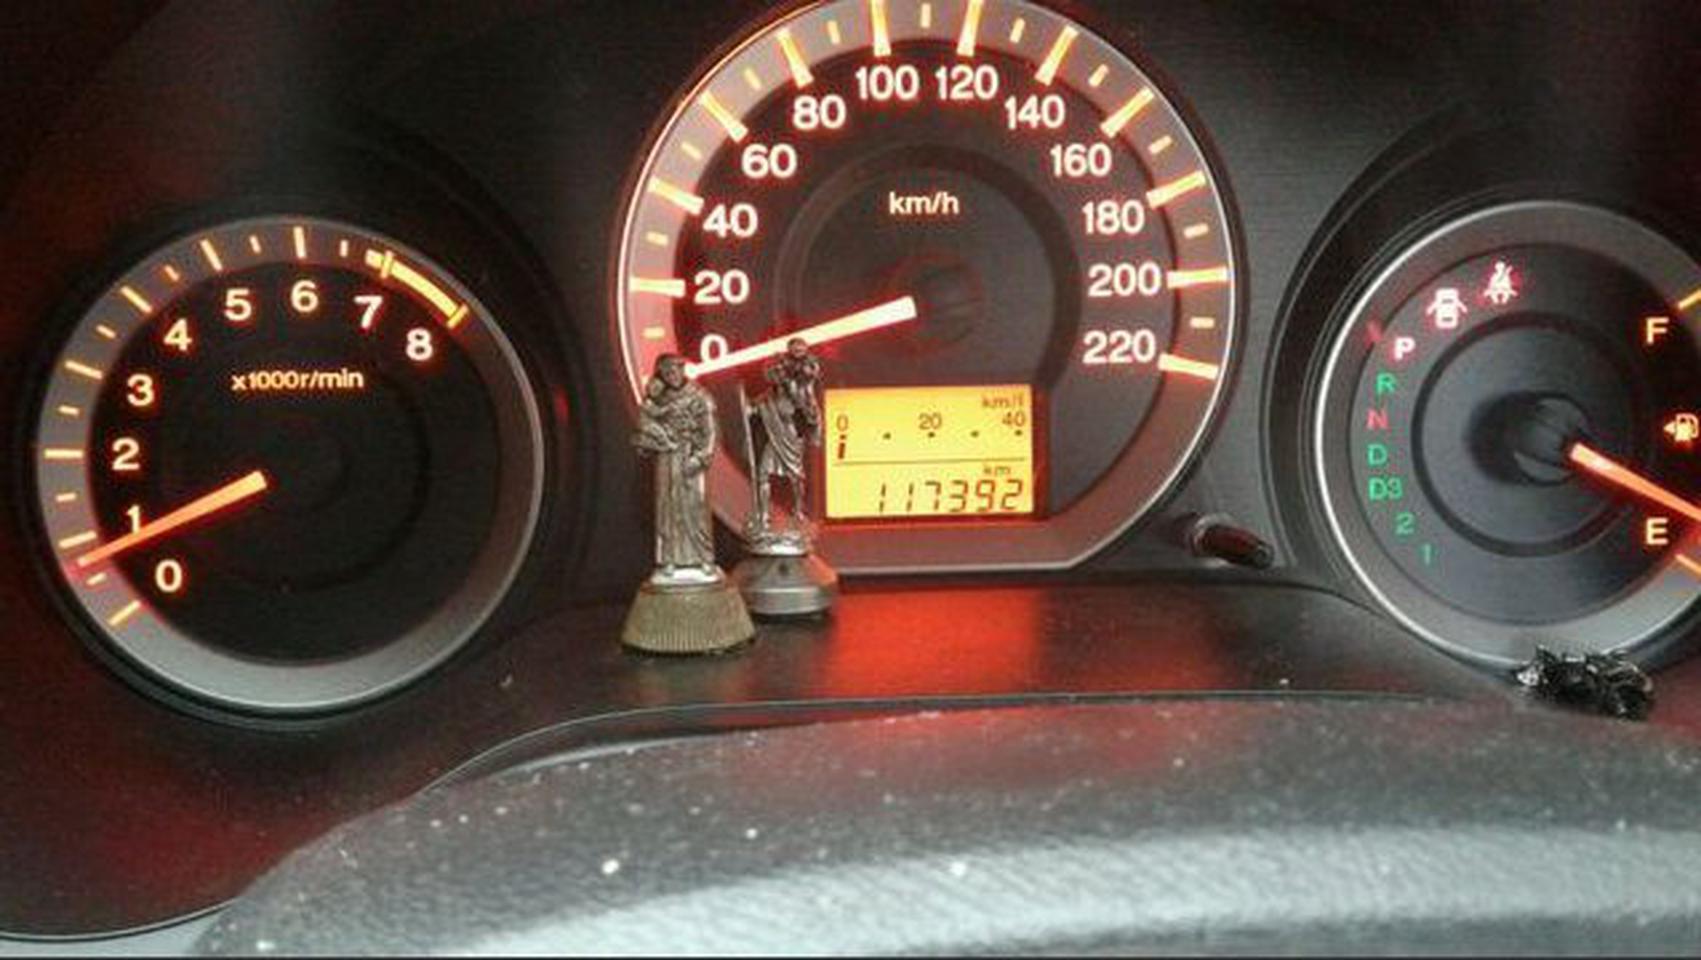 ขายรถเก๋ง Honda  City ivtec อ.เมือง จ.สุพรรณบุรี รูปที่ 3